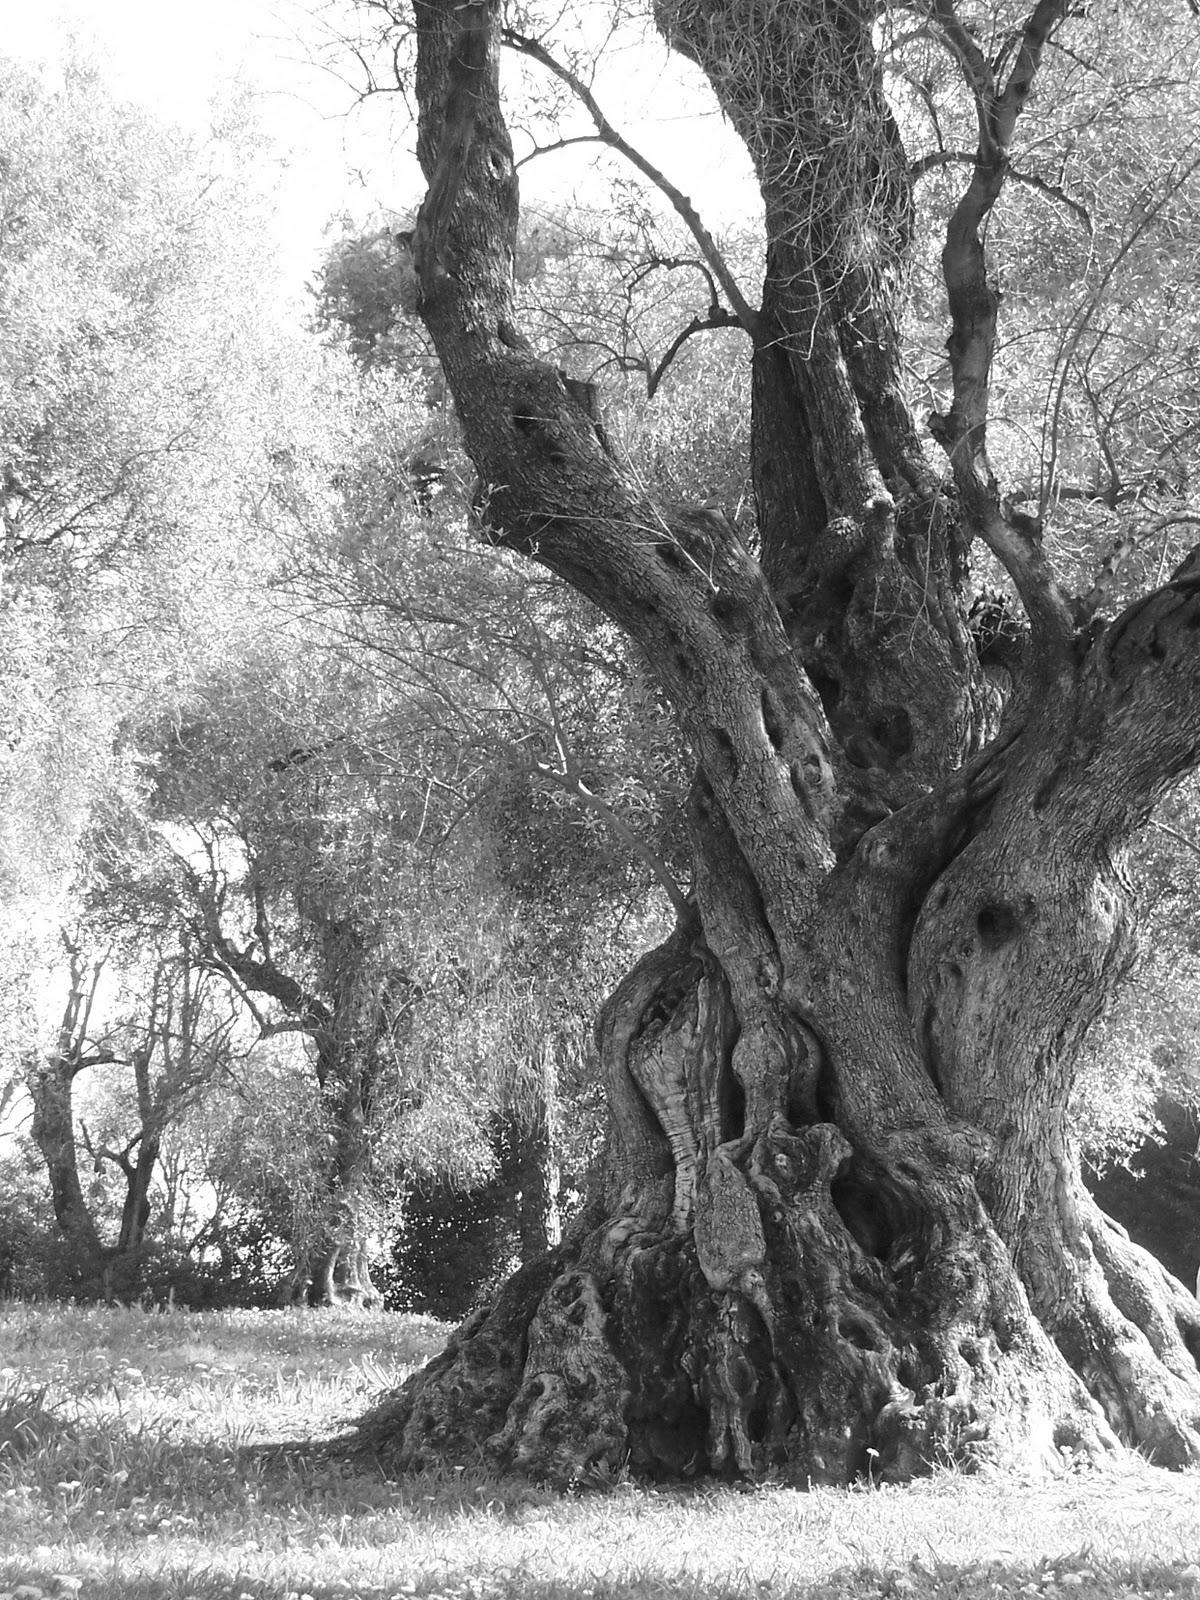 Robusti tronchi d'albero, disegni di corteccia, radici